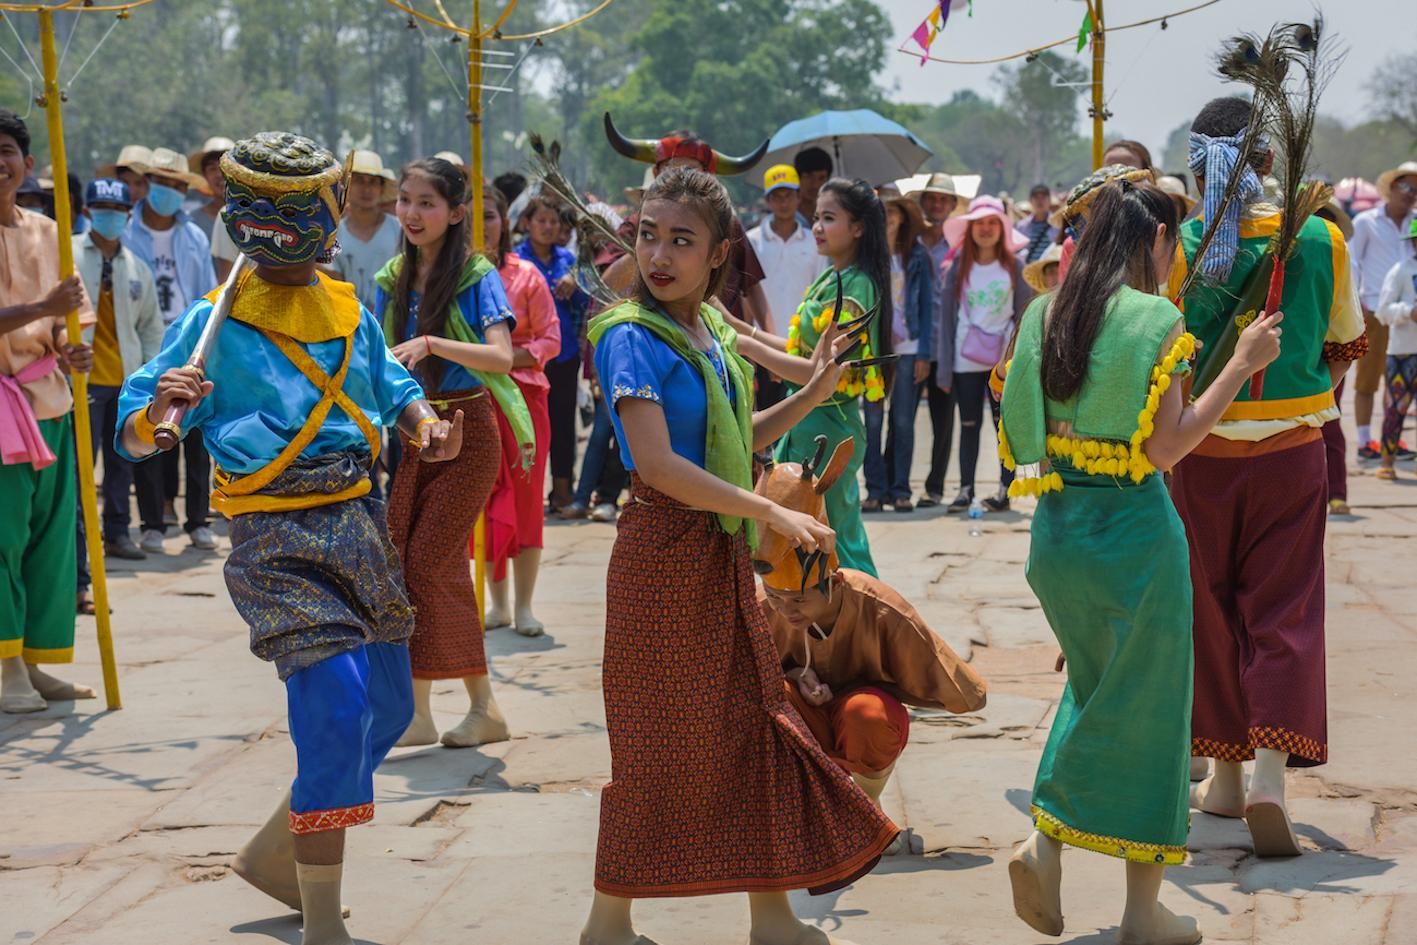 Danse traditionnelle lors du nouvel an khmer. Des vêtements très colorés au rendez-vous et certains masques.